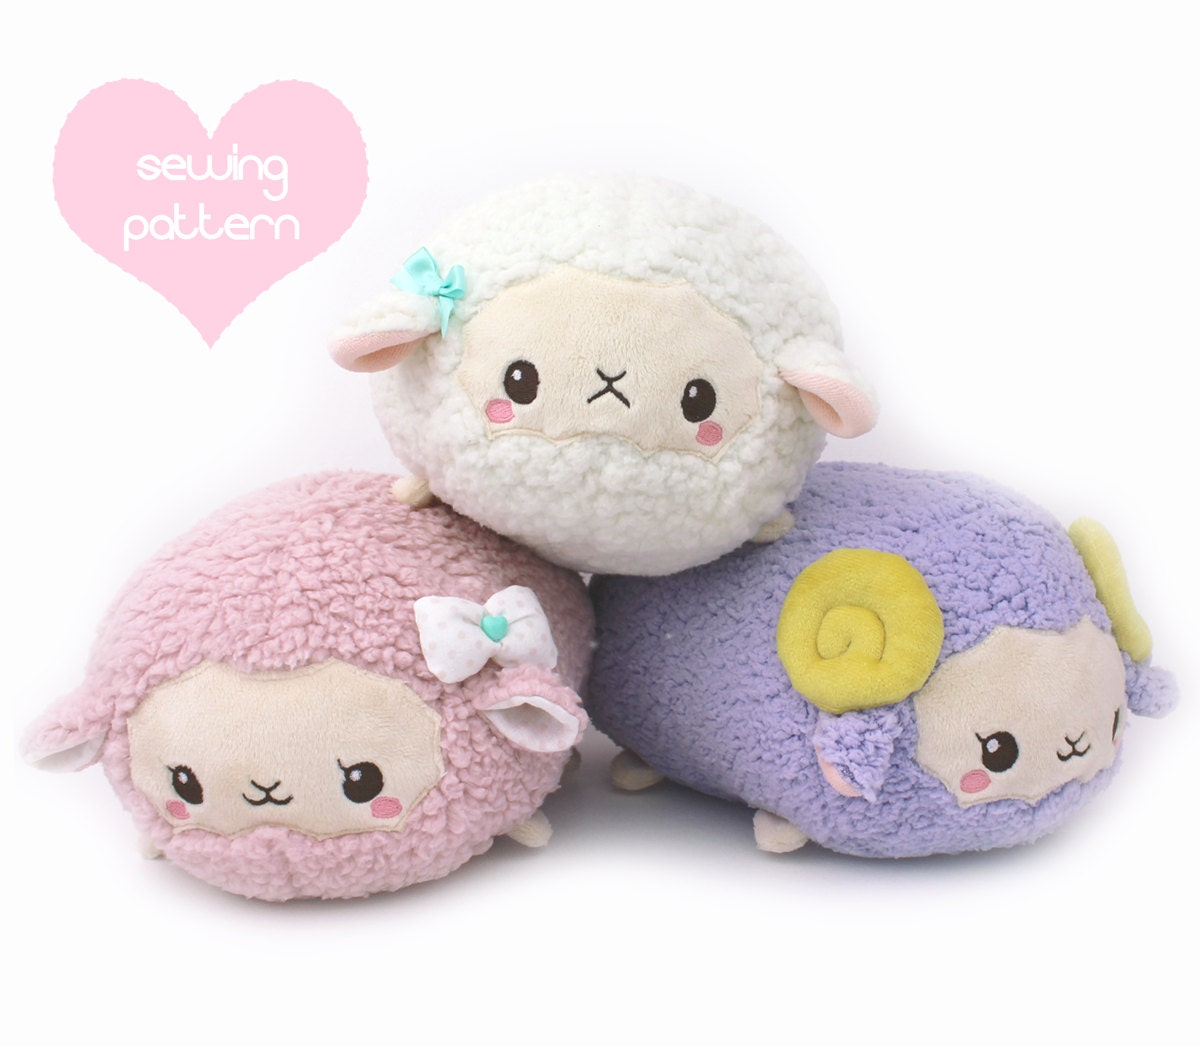 Pdf Sewing Pattern Sheep Roll Plush Stacking Loaf